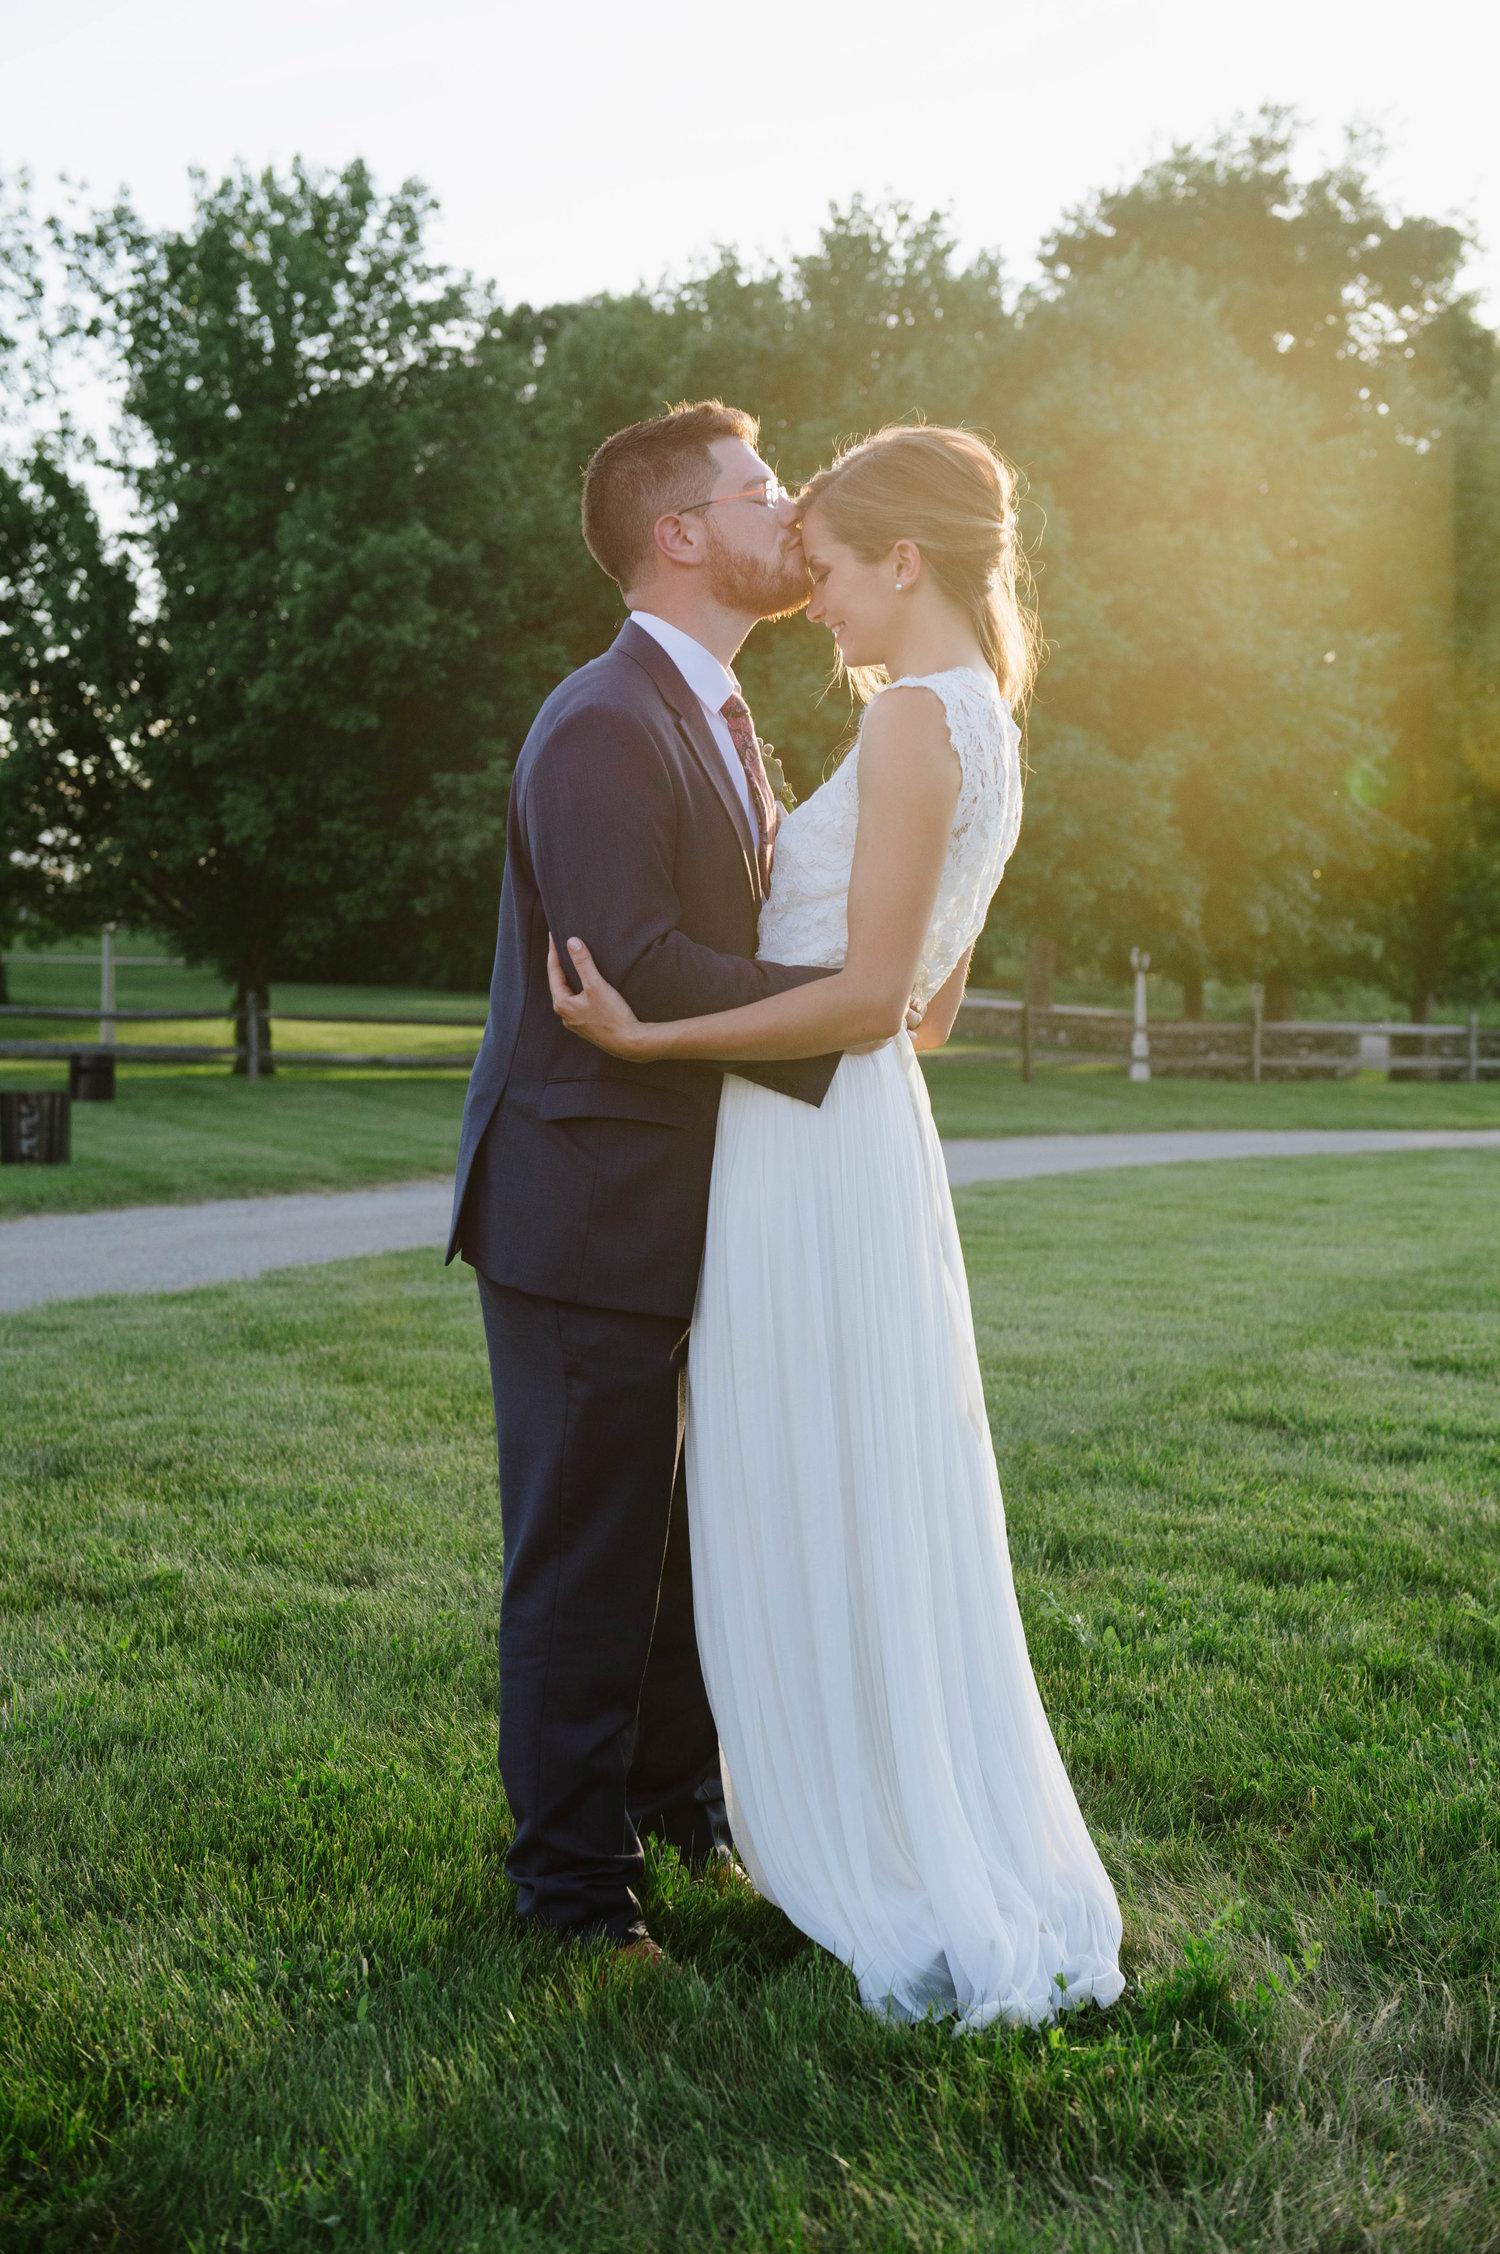 Candid-Wedding-Photography-Massachusetts009.jpg